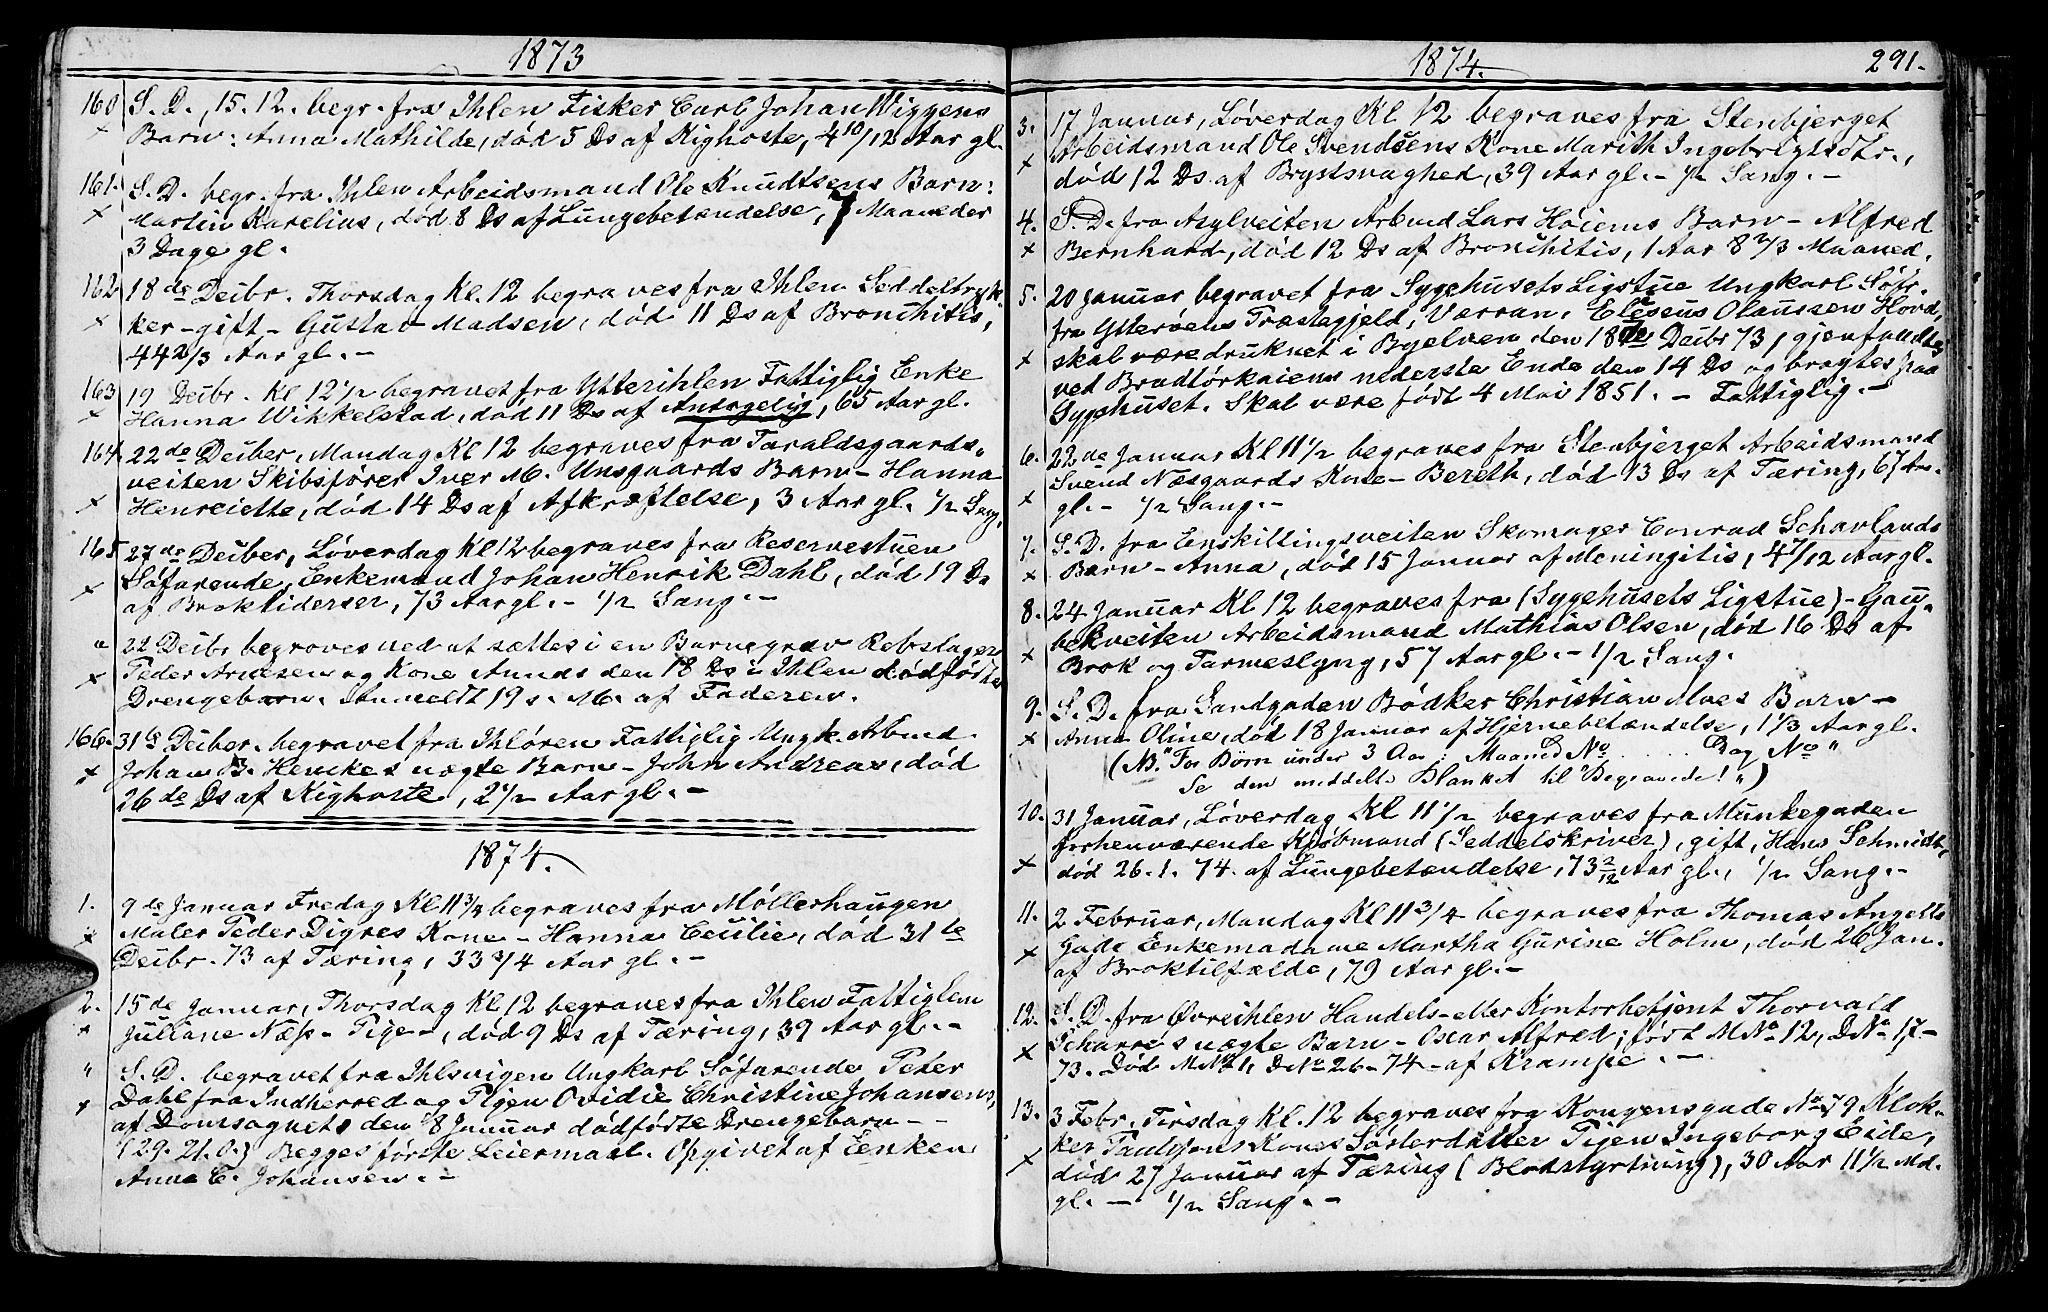 SAT, Ministerialprotokoller, klokkerbøker og fødselsregistre - Sør-Trøndelag, 602/L0142: Klokkerbok nr. 602C10, 1872-1894, s. 291